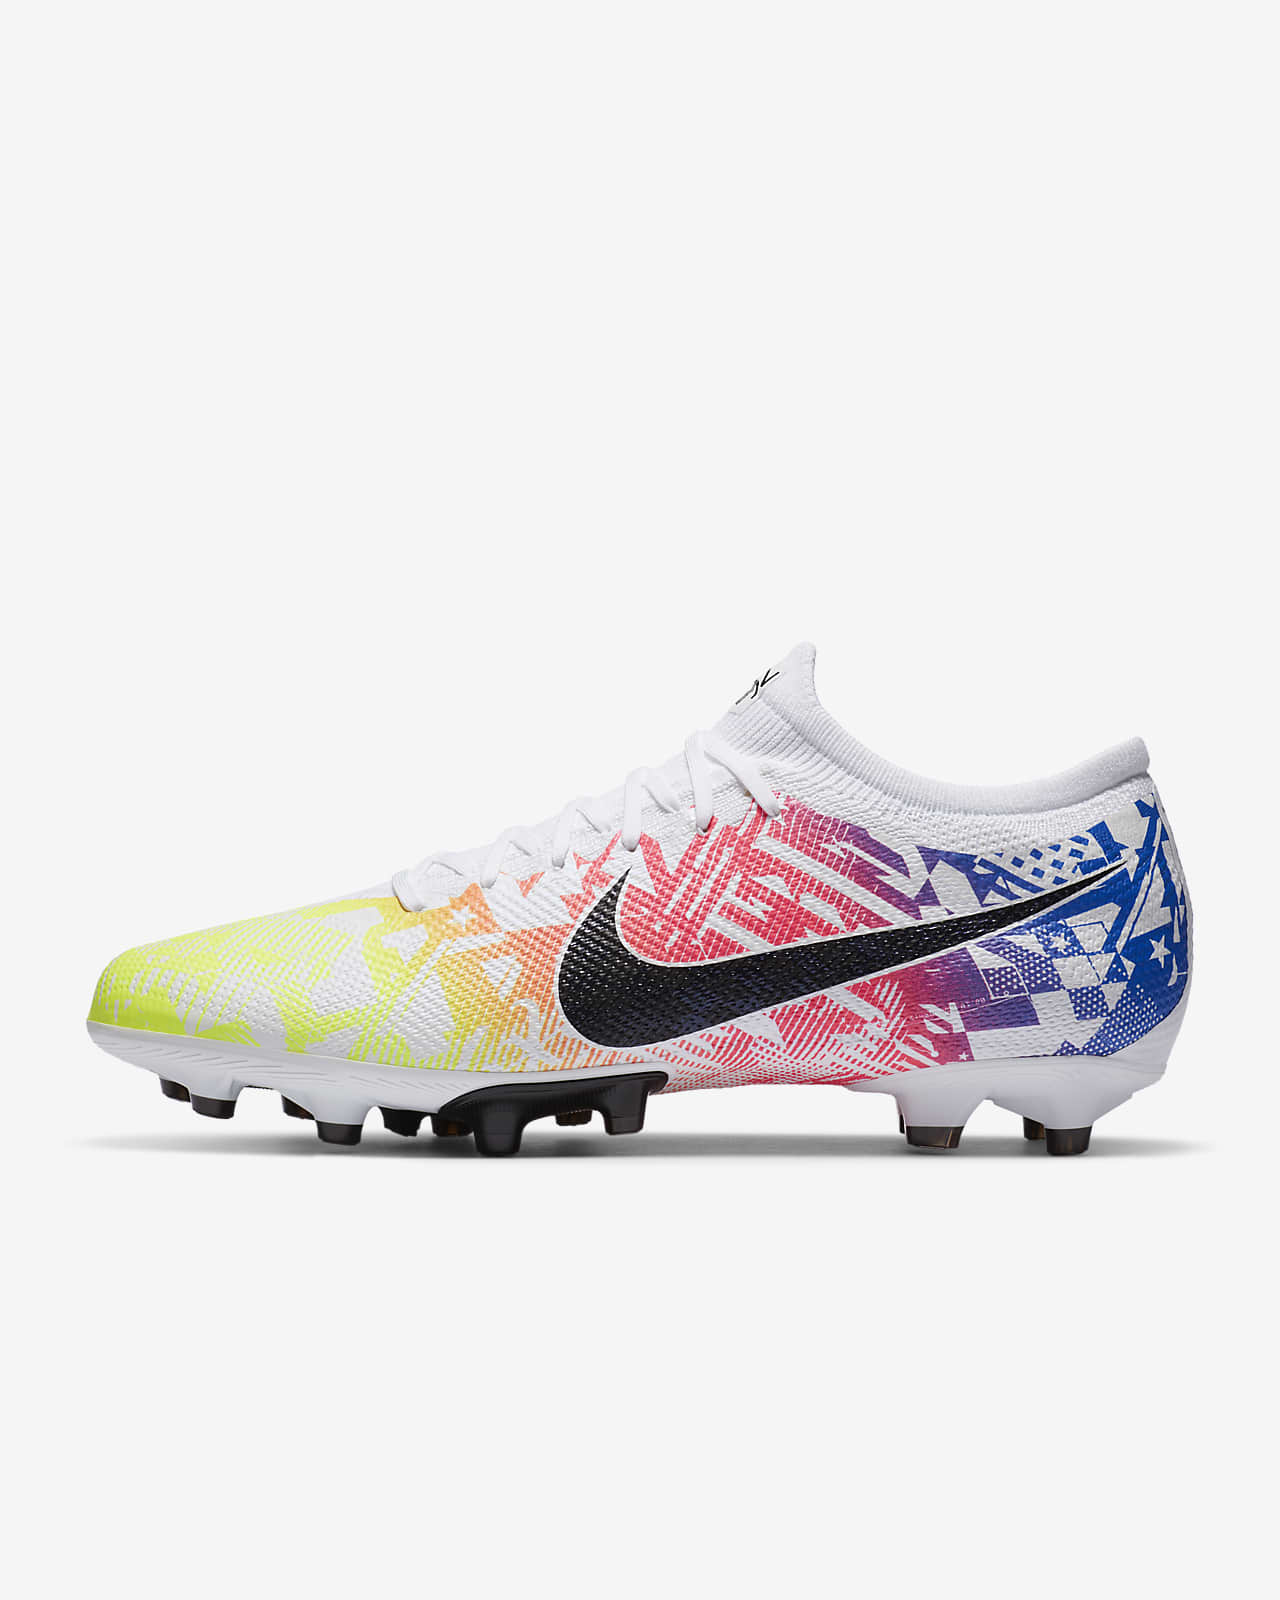 Chaussure de football à crampons pour terrain synthétique Nike Mercurial Vapor 13 Pro Neymar Jr. AG PRO